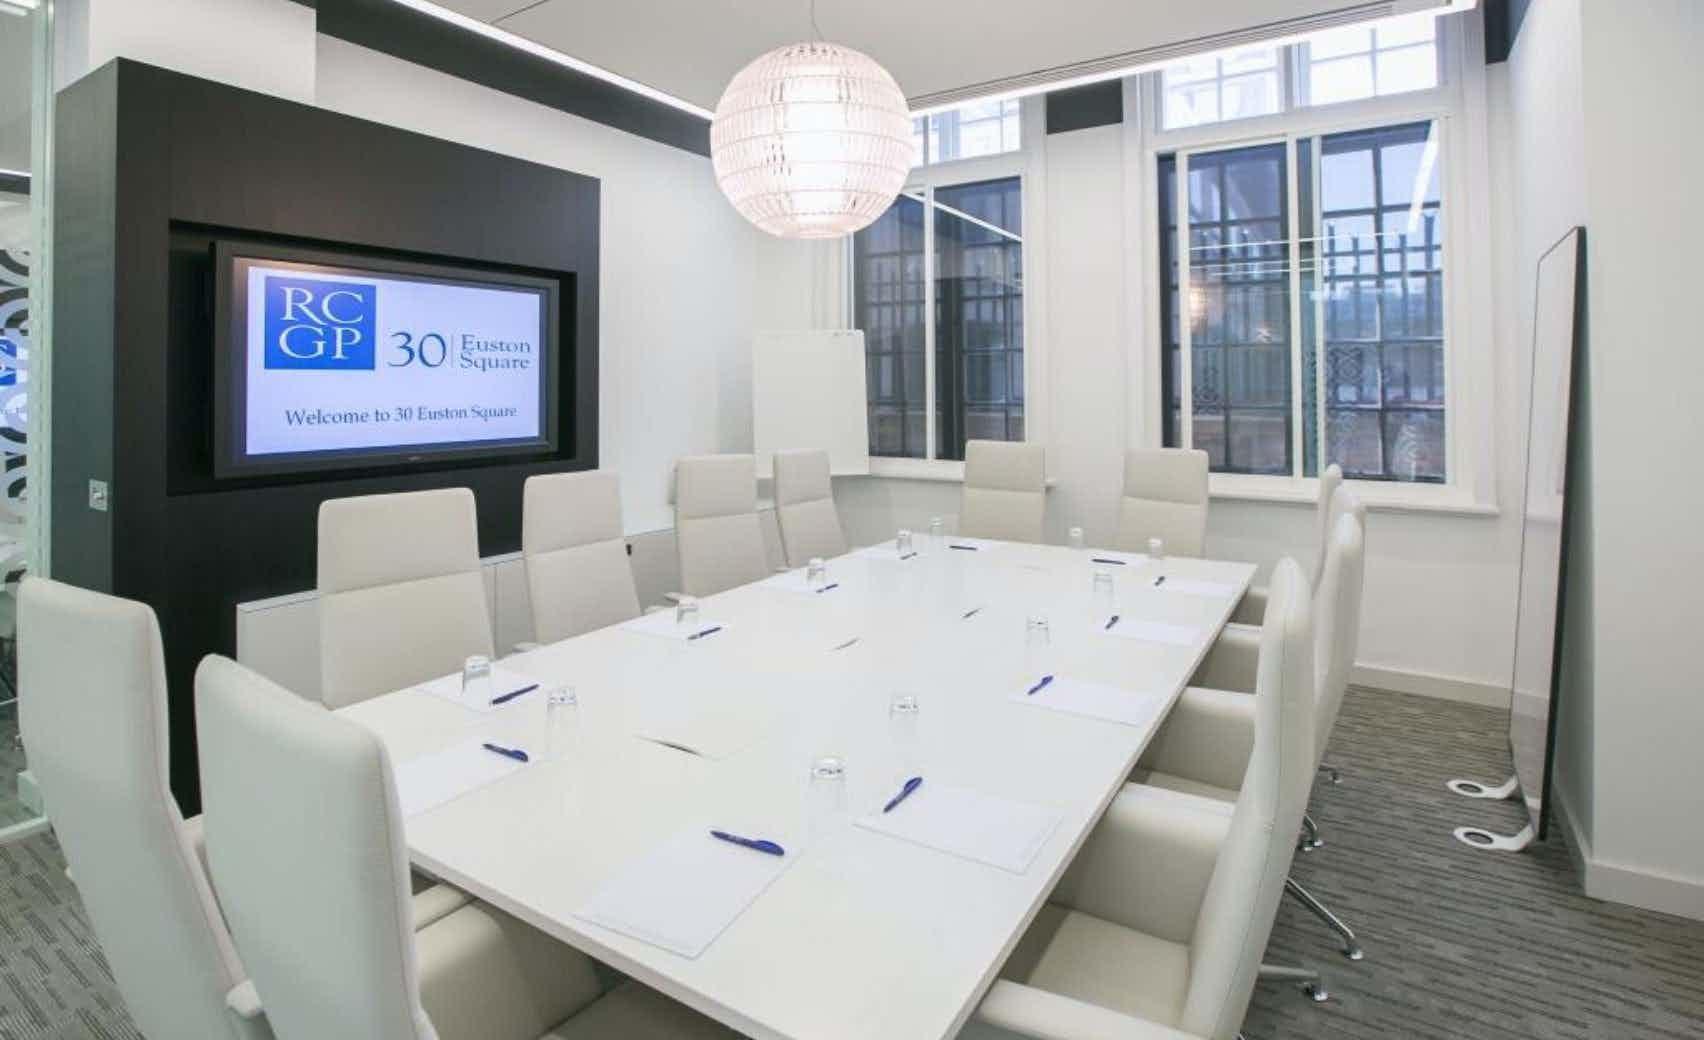 Ground Floor Meeting Room 15, 30 Euston Square